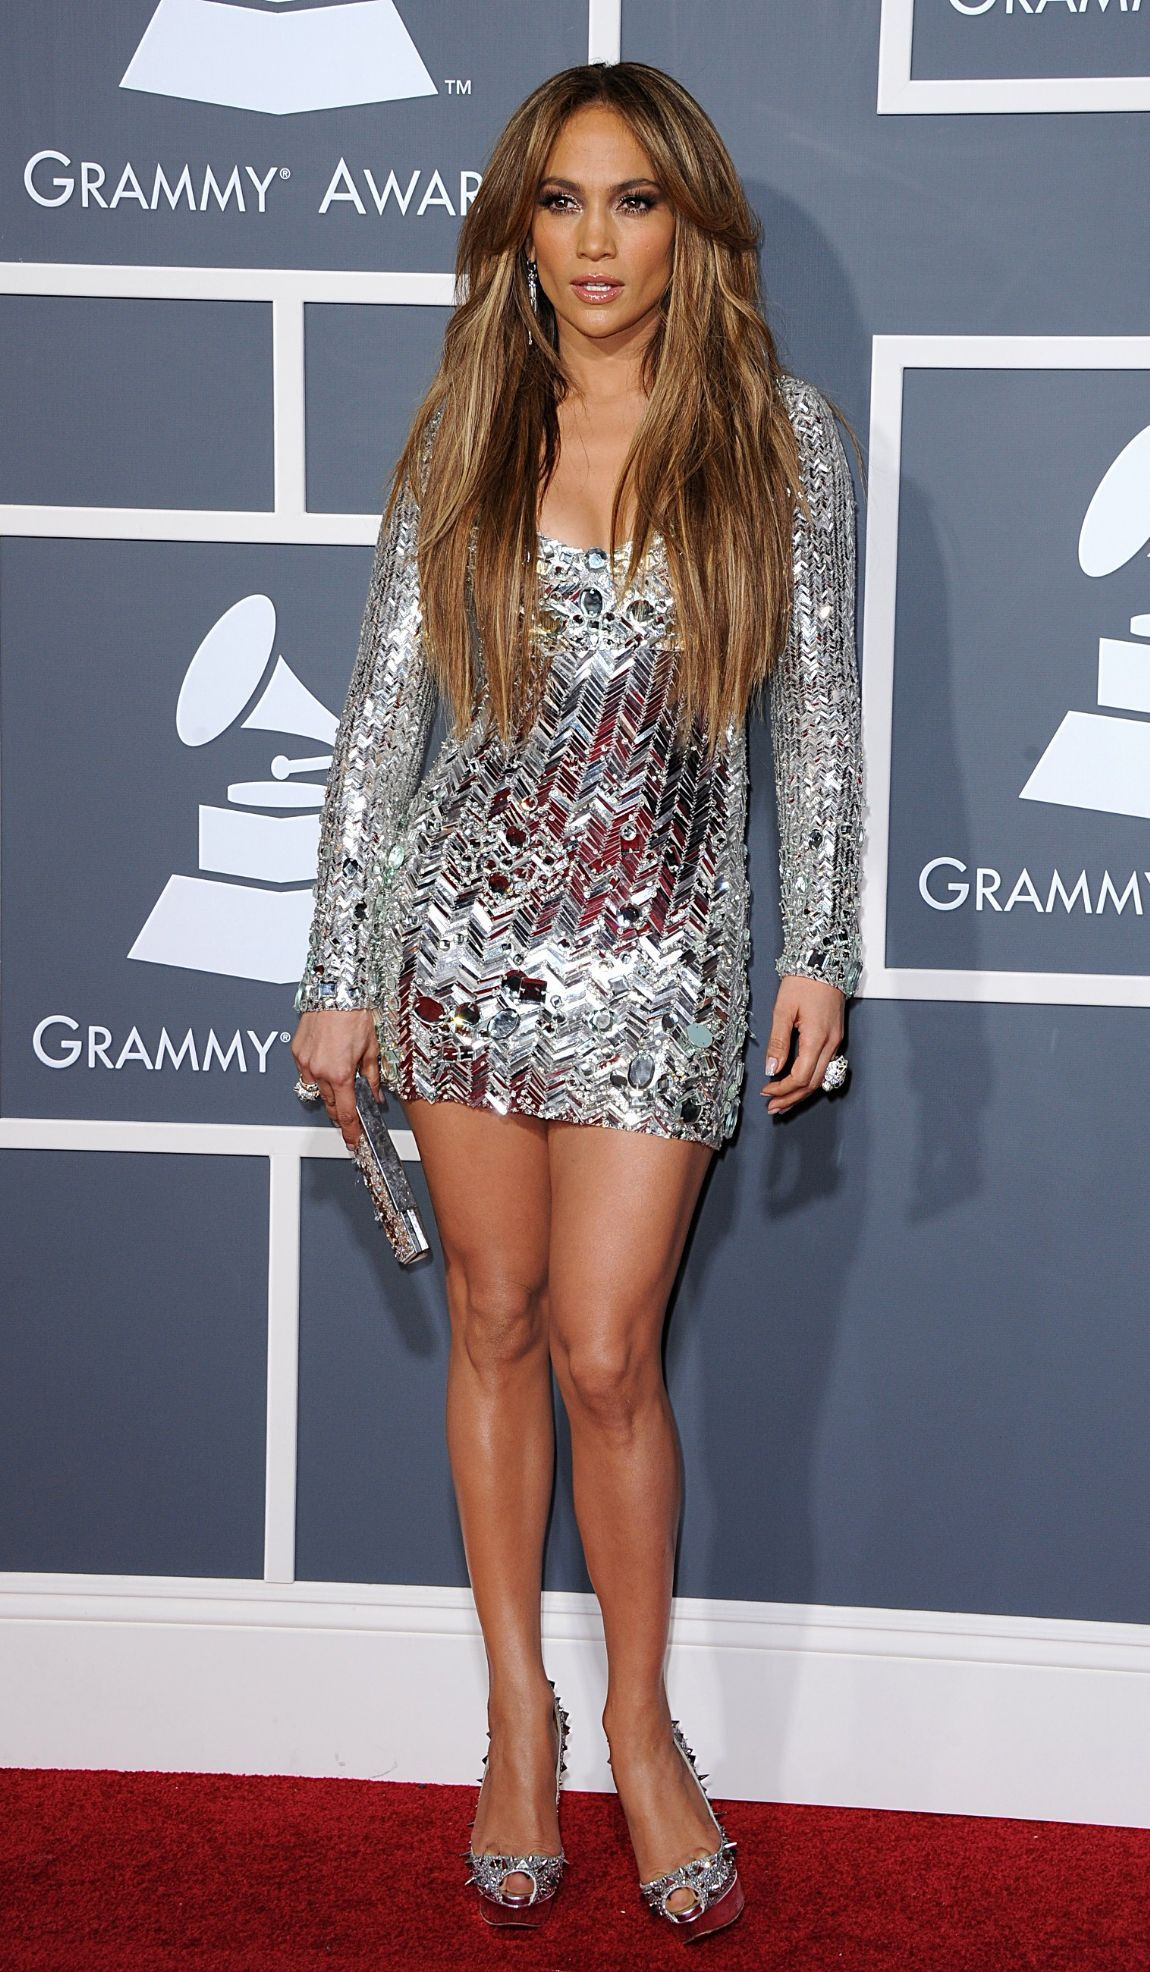 Jennifer Lopez - Grammys 2011